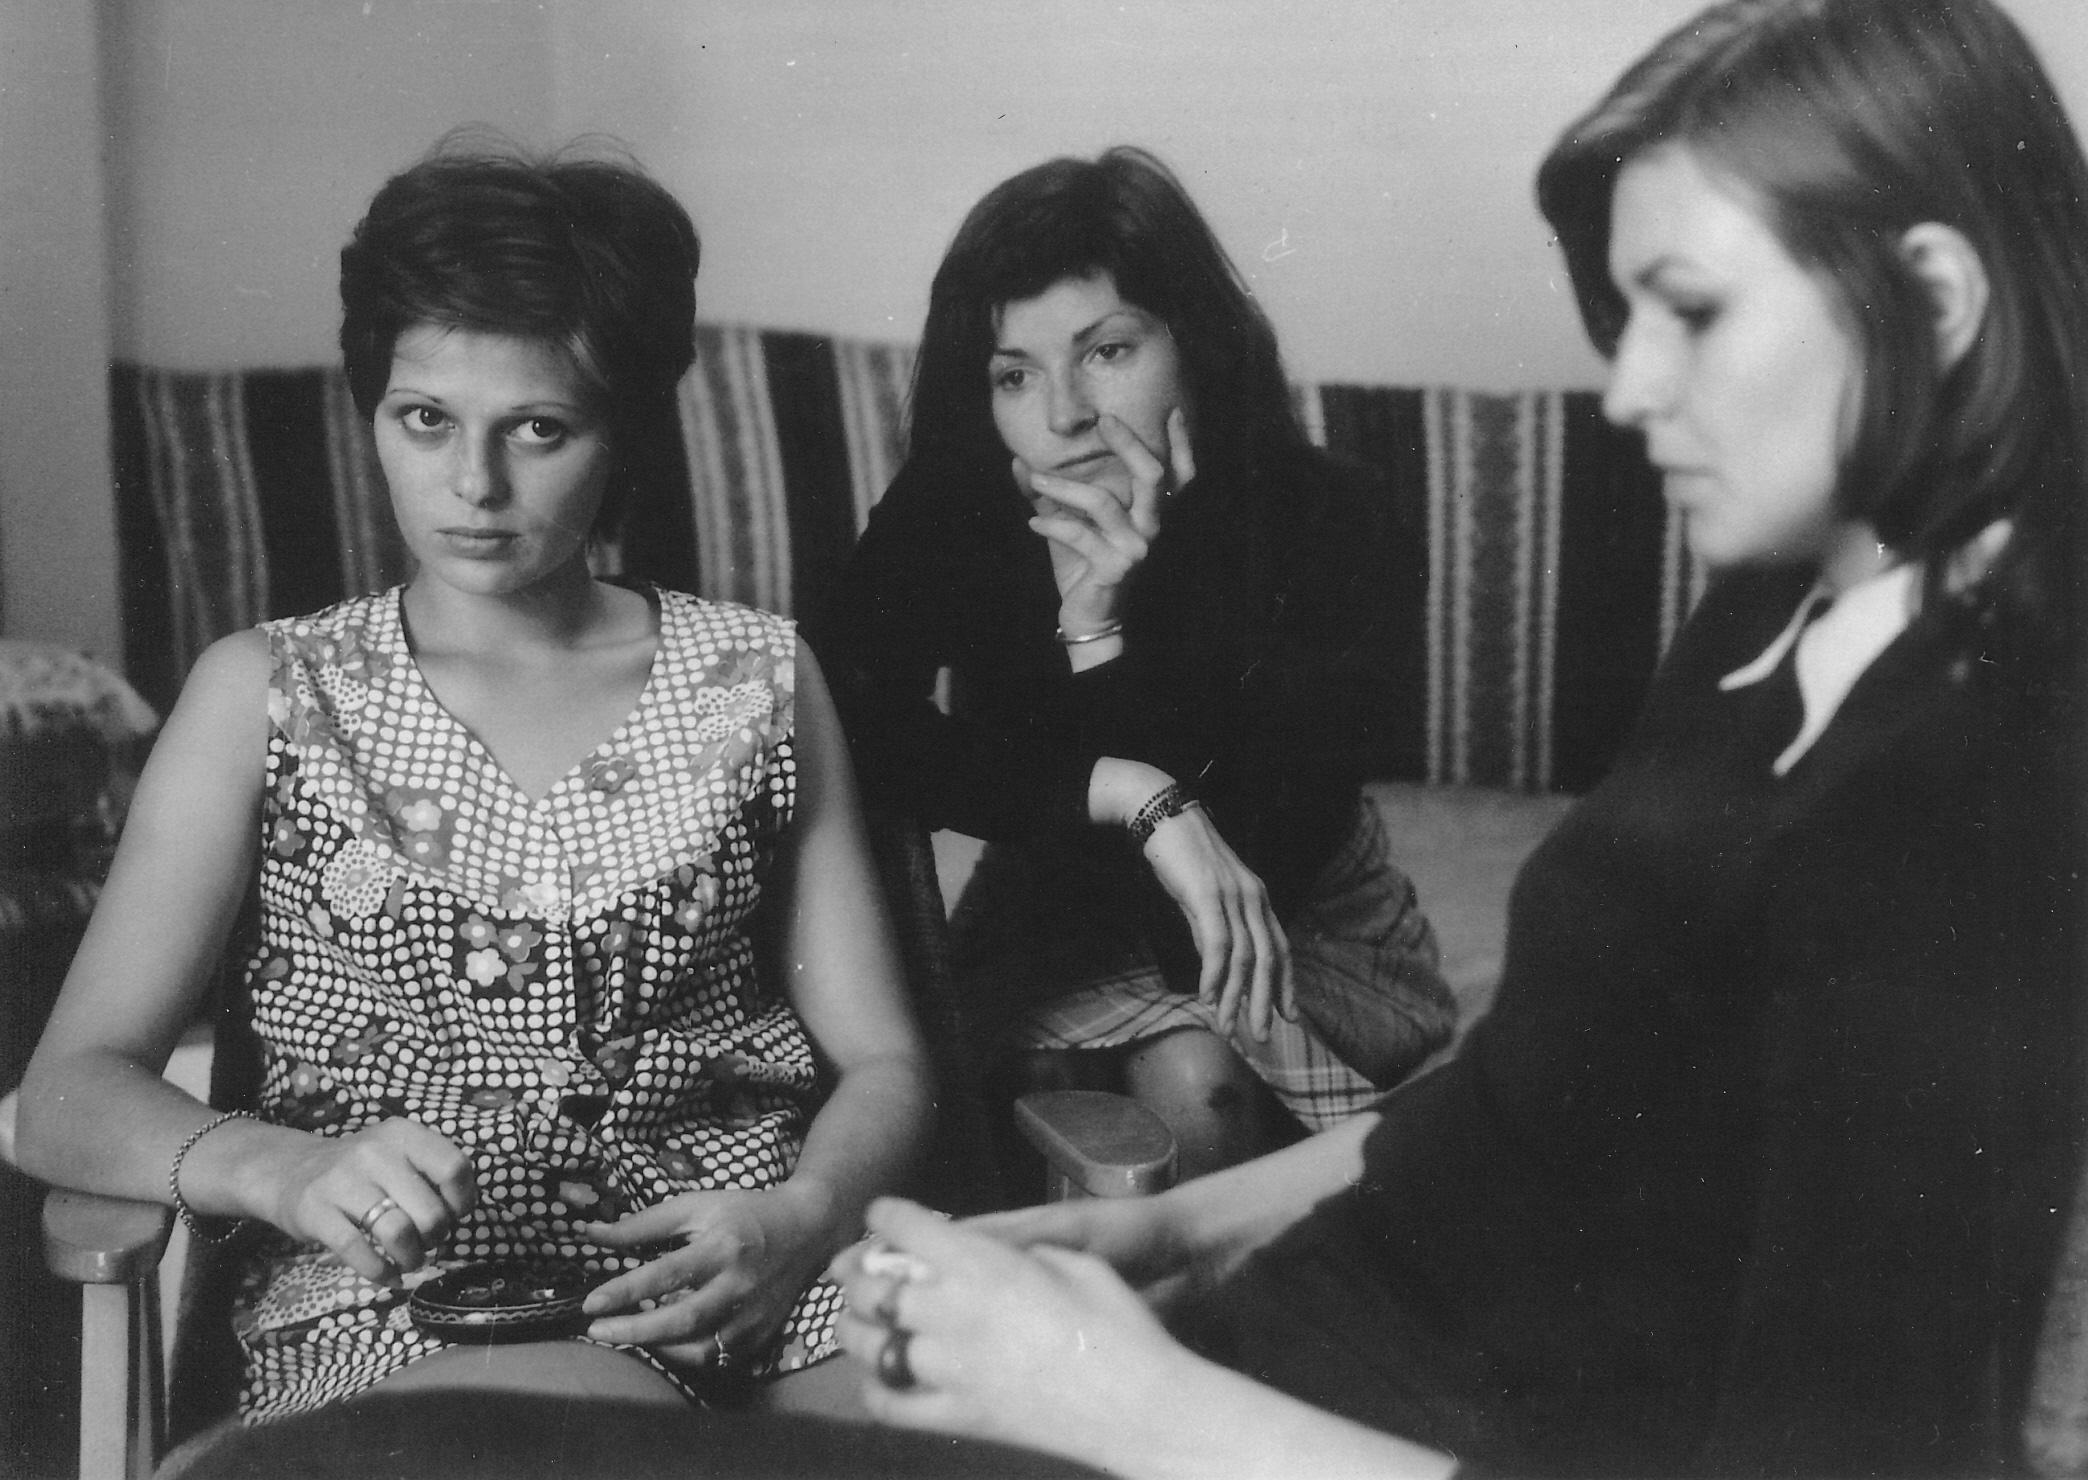 Szakács Zsuzsa, Bodnár Eszter és Himmer Márta - <em>Filmregény - Három nővér</em> (Dárday István, 1977)